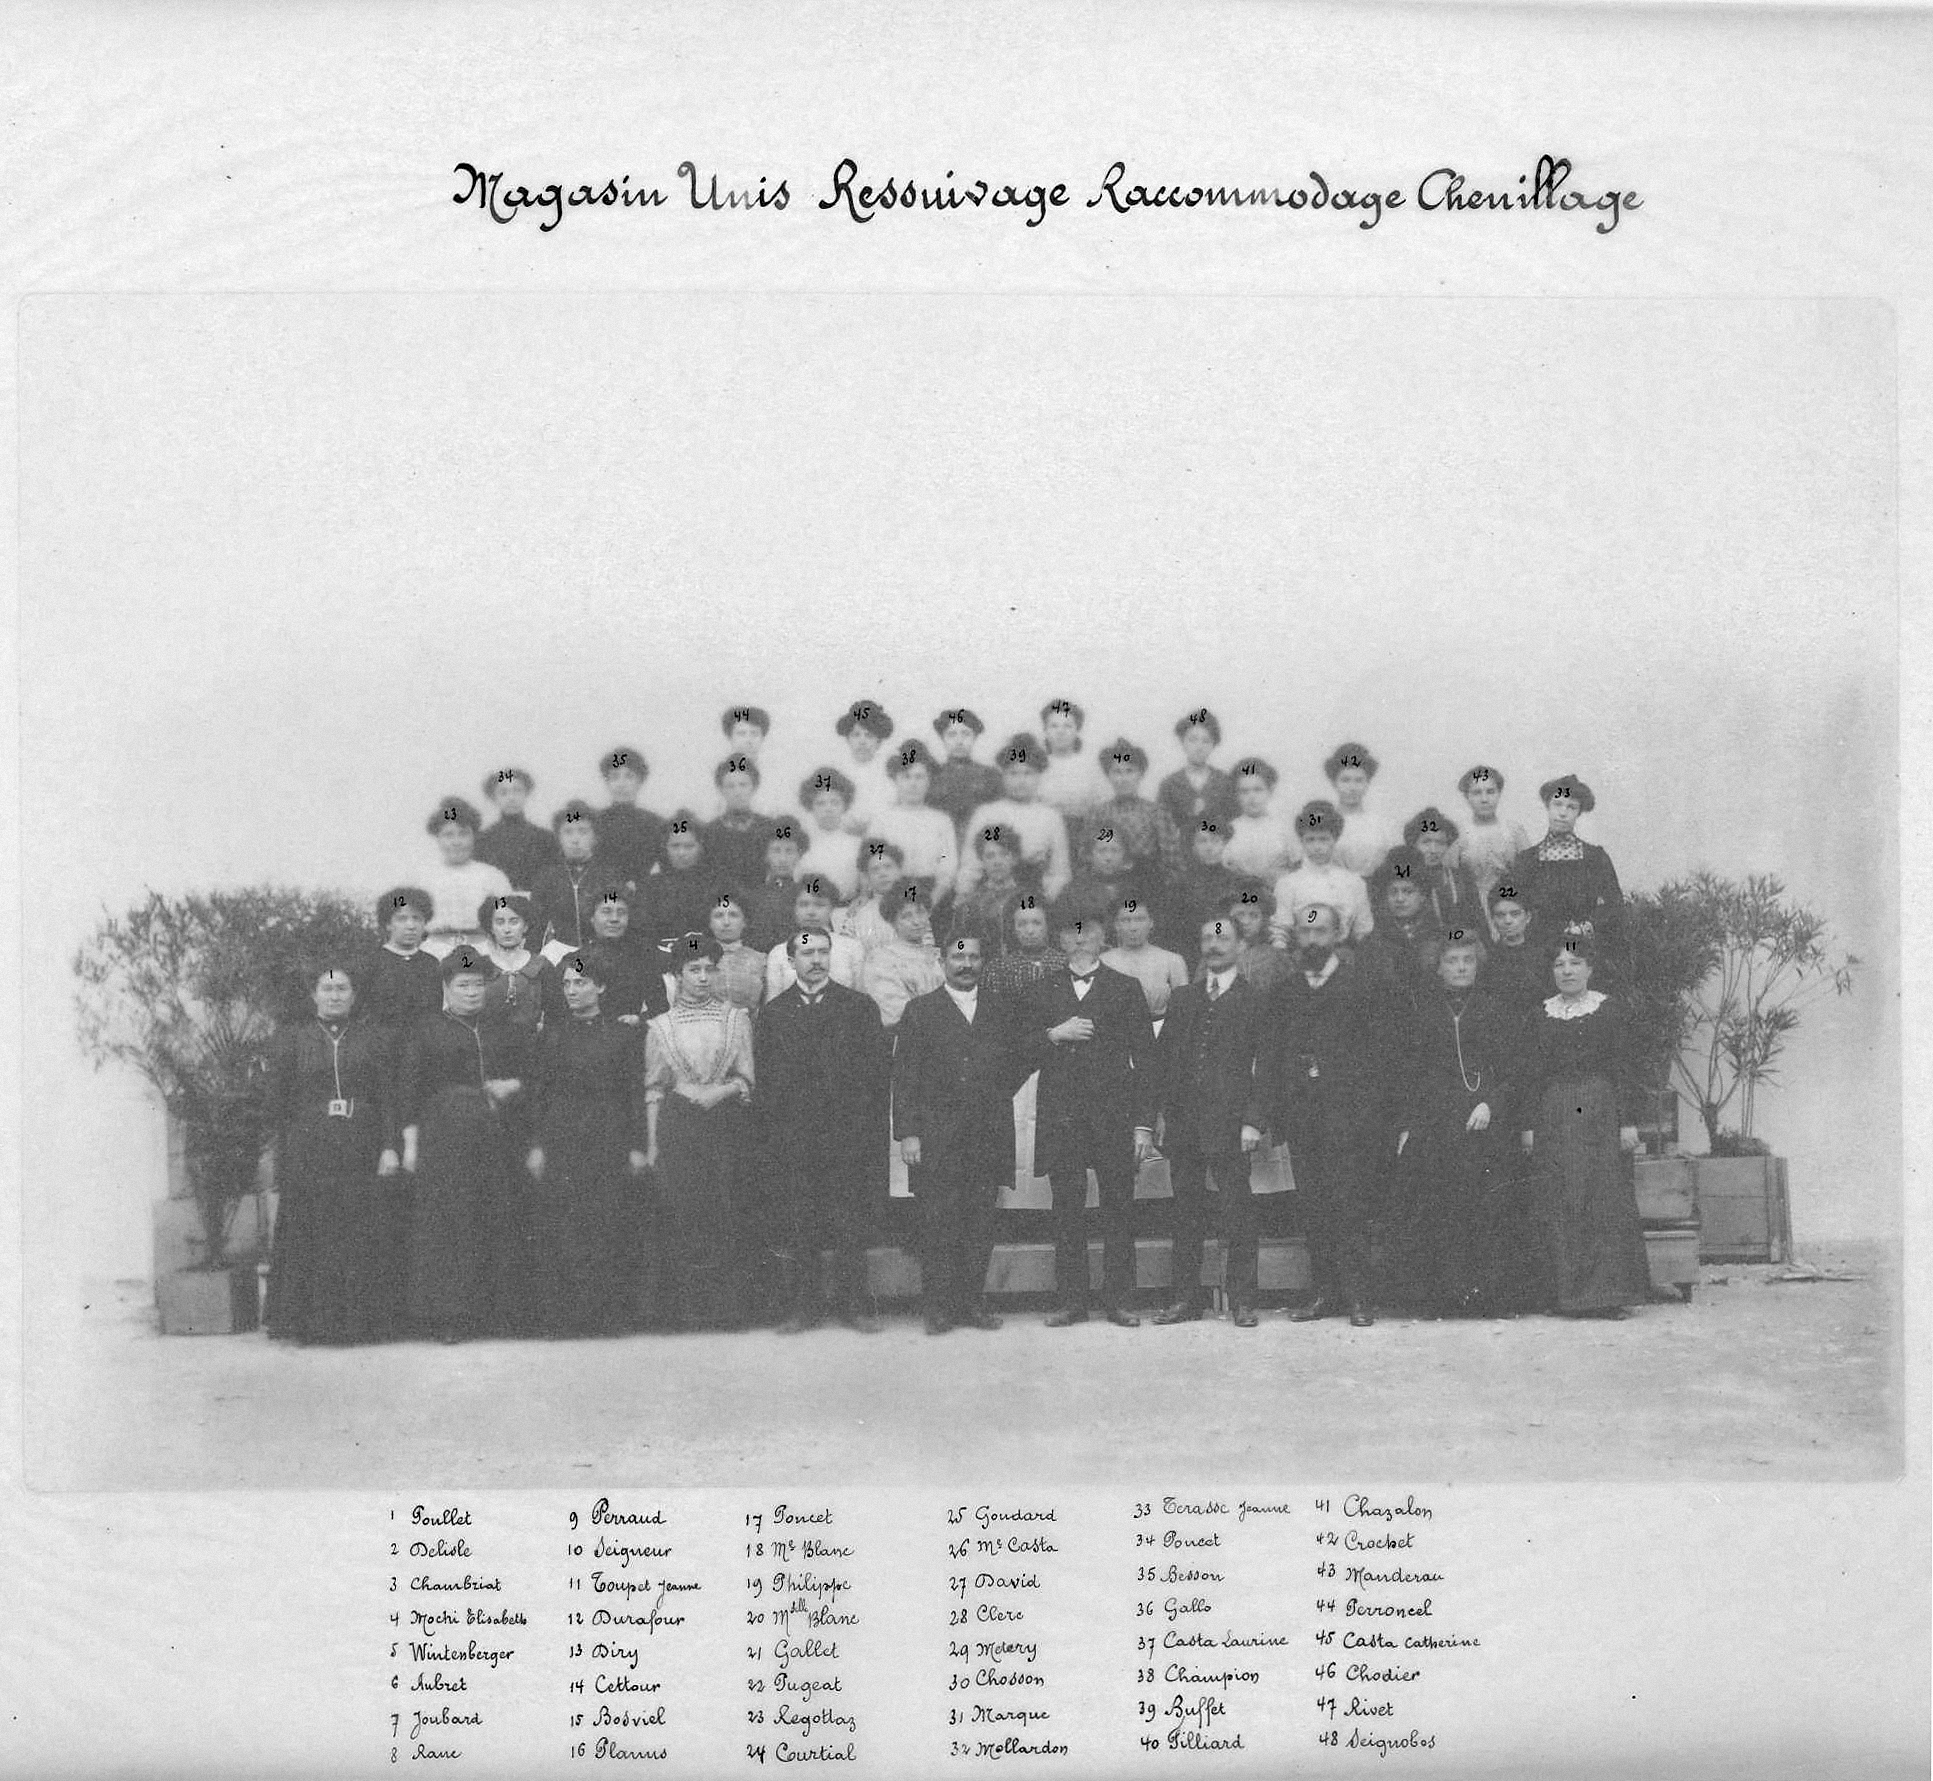 Maison Dognin en 1910, employés et ouvriers du magasin unis, ressuiyage, raccomodage, chenillage. Archives municipales de Villeurbanne / Le Rize, 19 Fi 406.